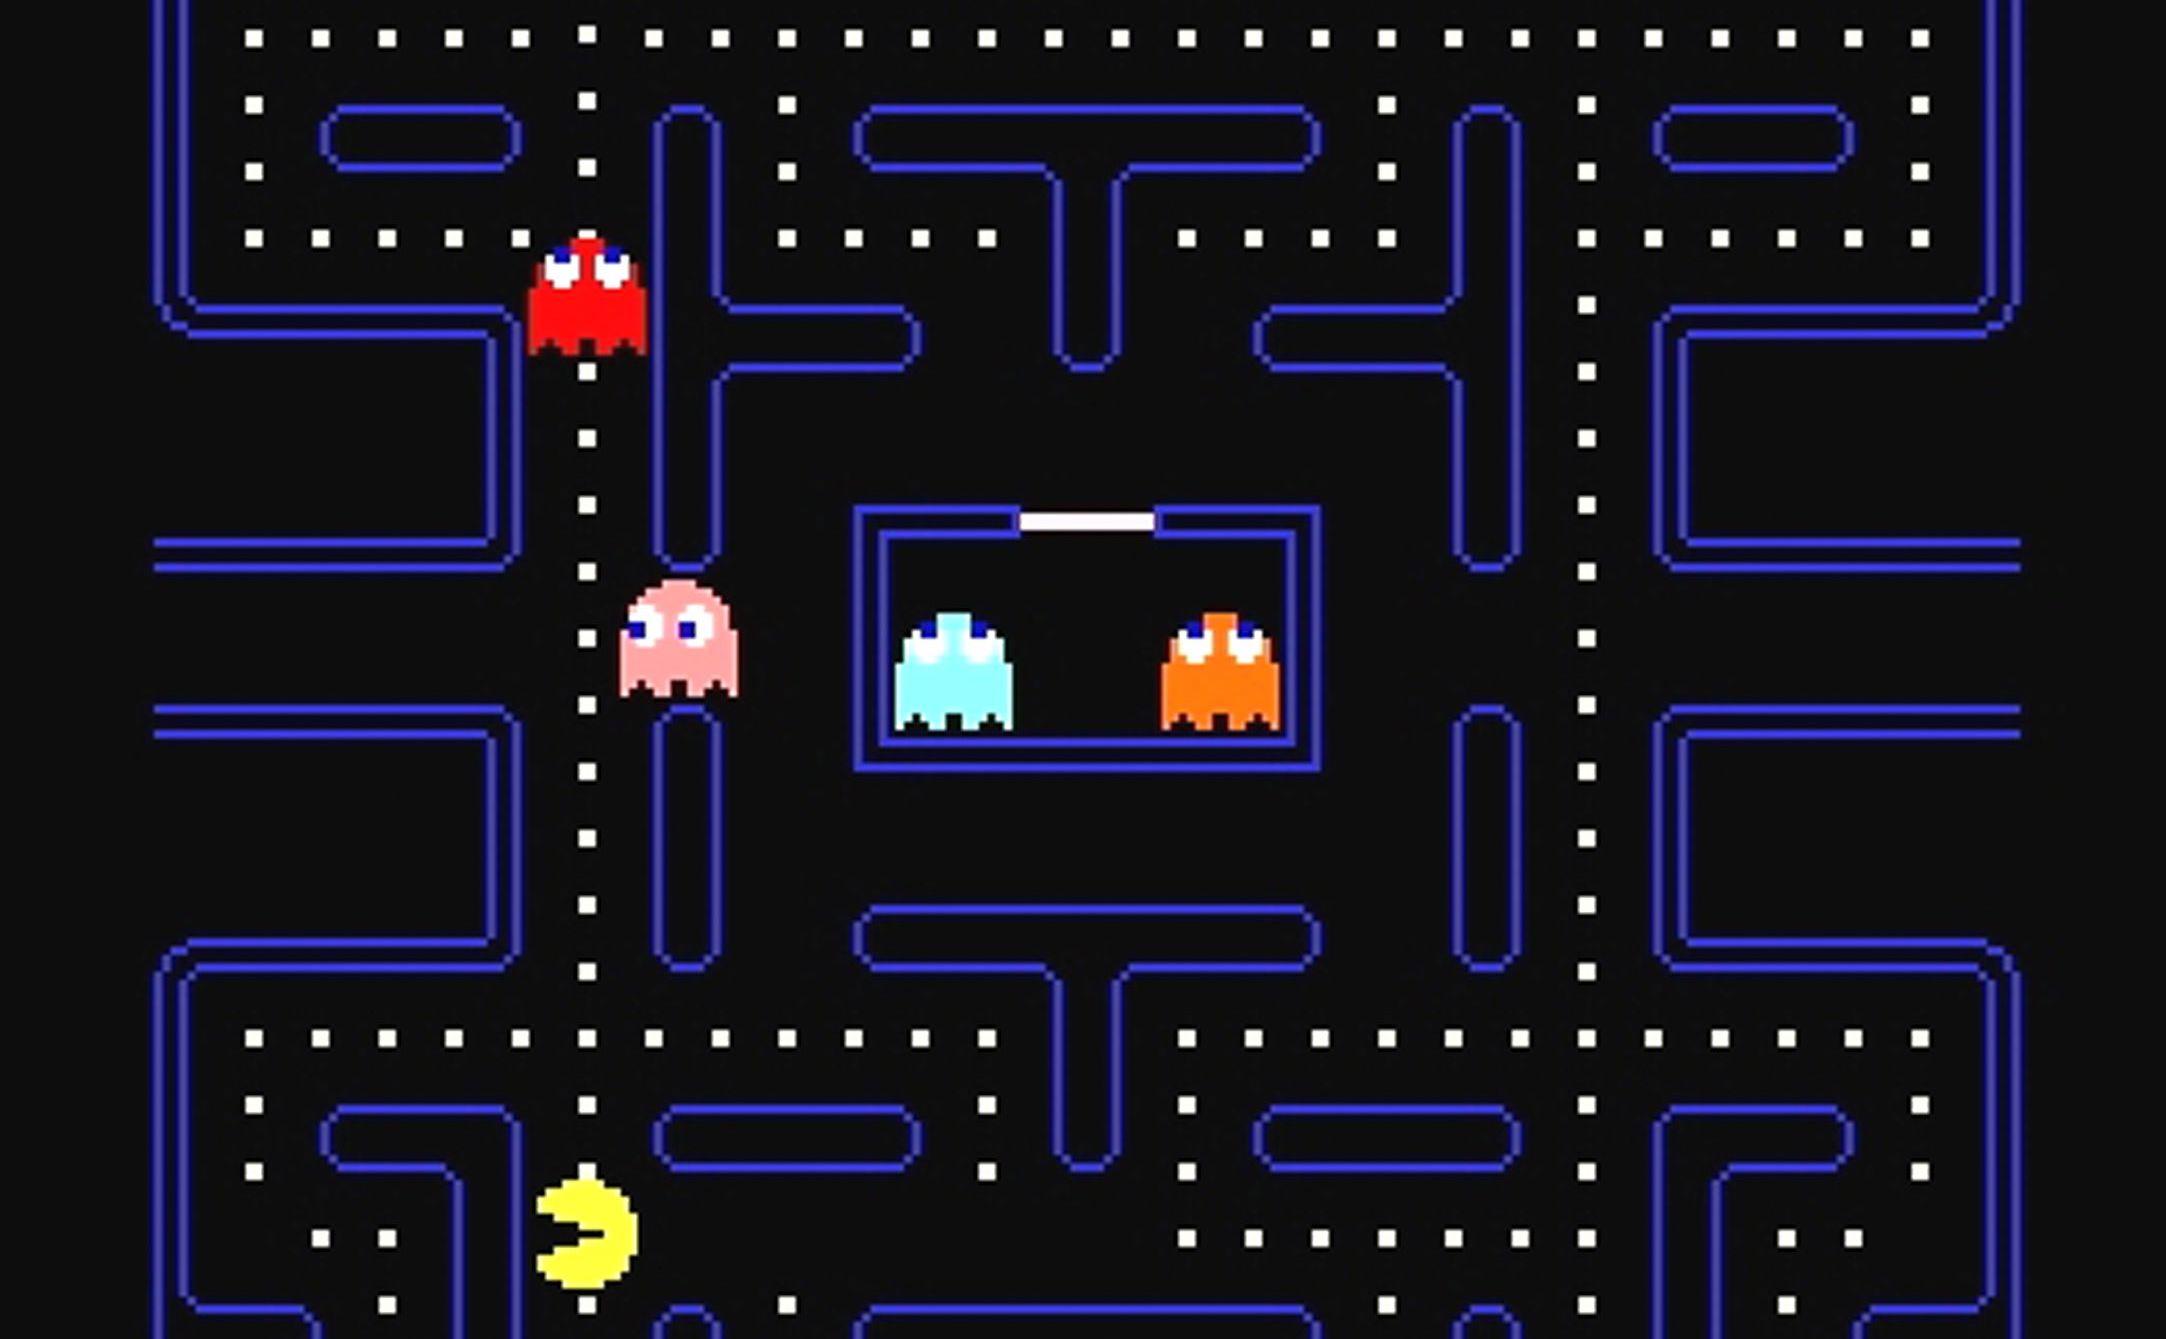 [Перевод] Зачем нужны скрытые игровые механики